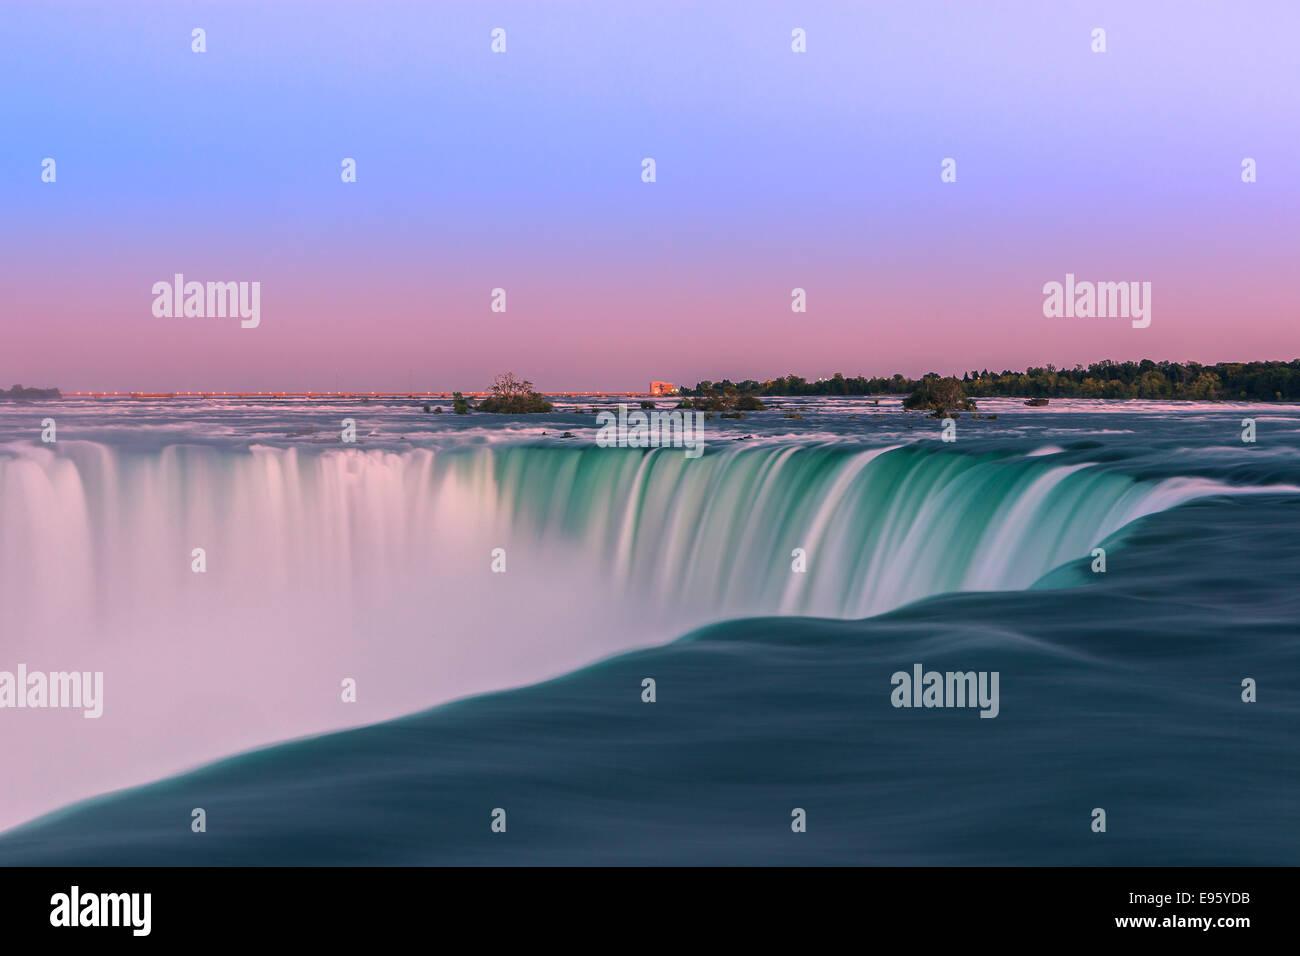 Horseshoe Falls au coucher du soleil, une partie de la région de Niagara Falls, Ontario, Canada. Banque D'Images